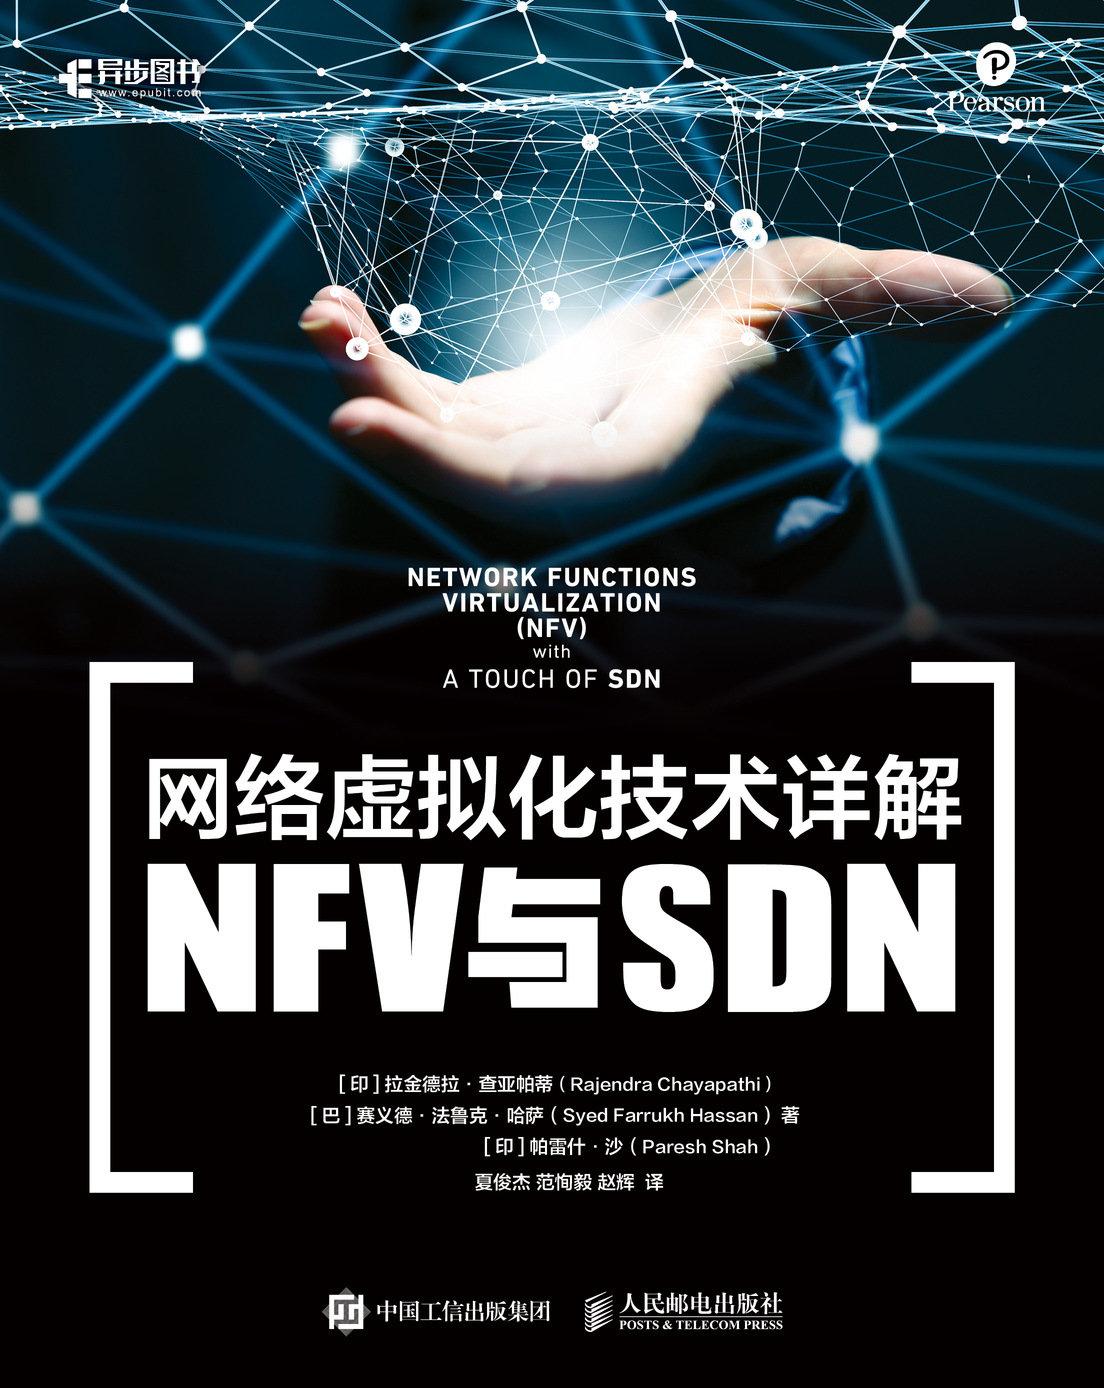 網絡虛擬化技術詳解 NFV 與 SDN (Network Functions Virtualization (NFV) with a Touch of SDN)-preview-1